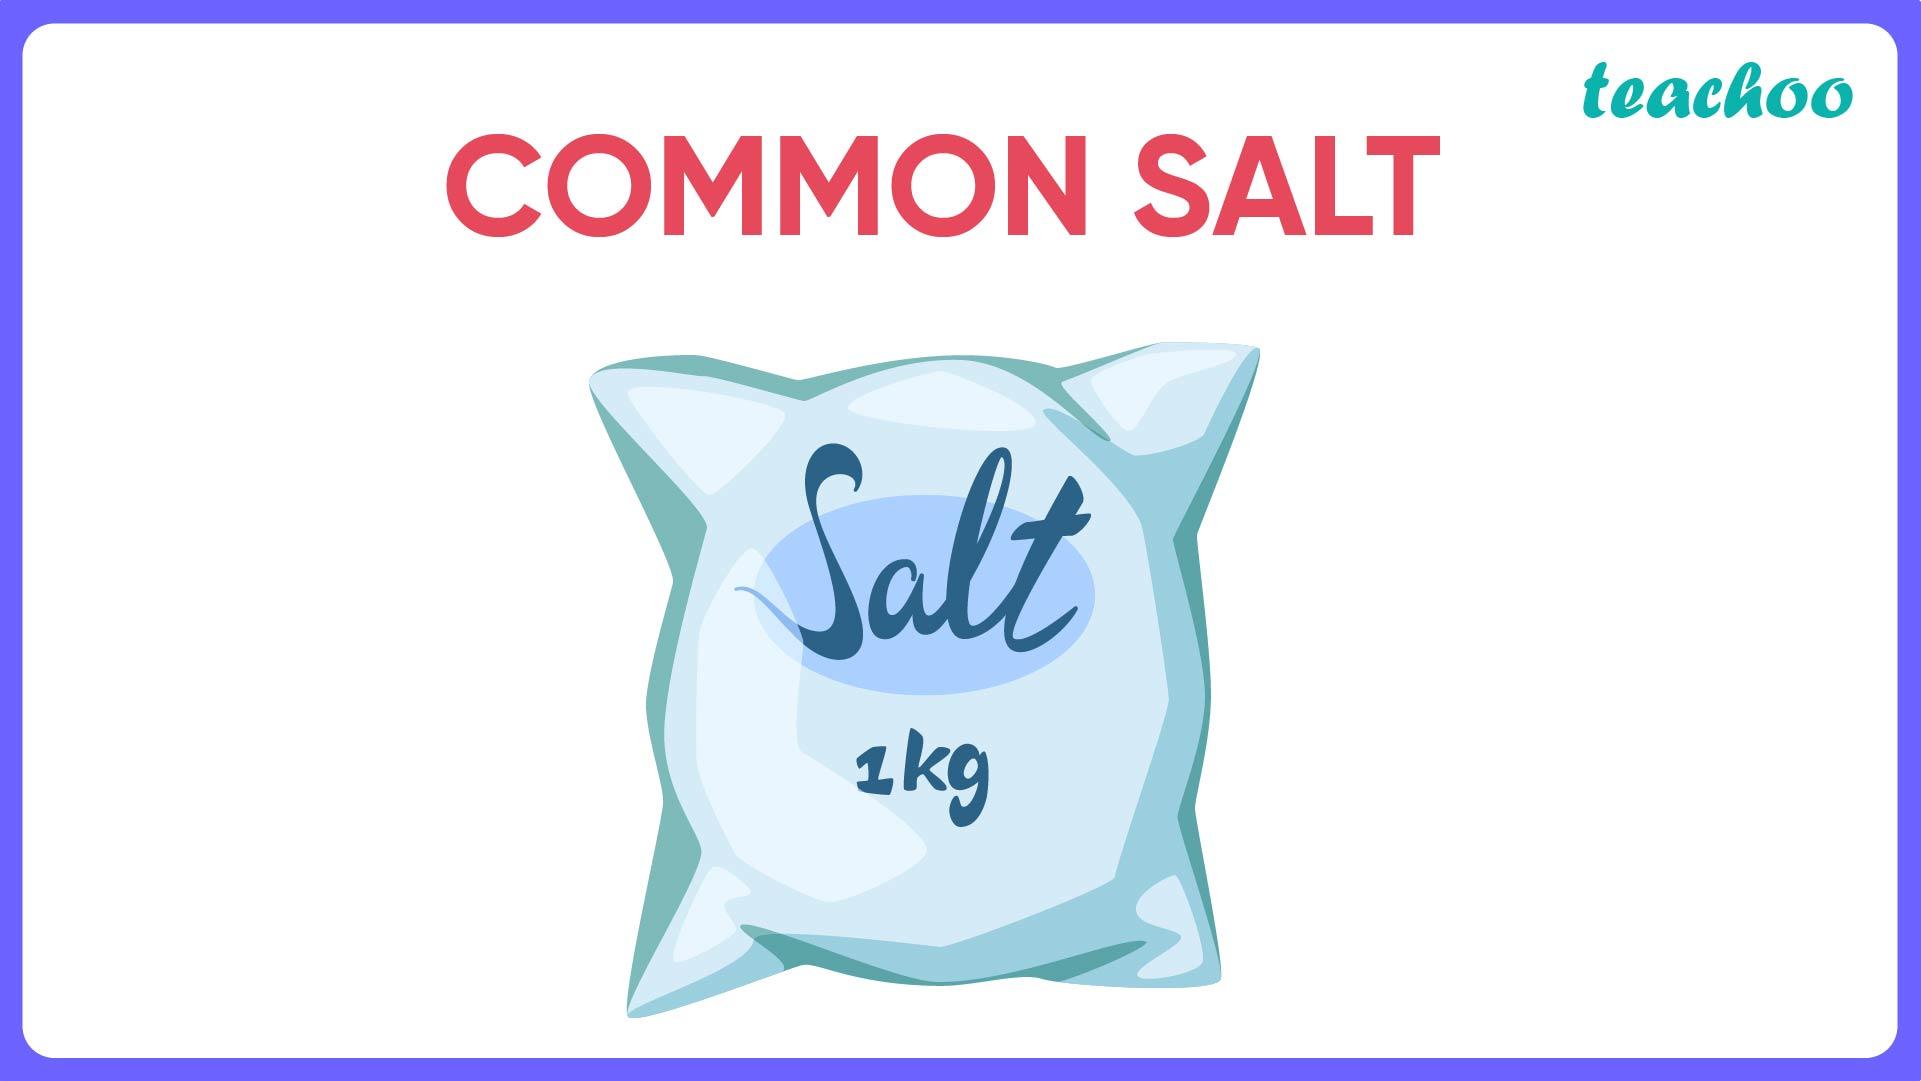 Common Salt-Teachoo.jpg